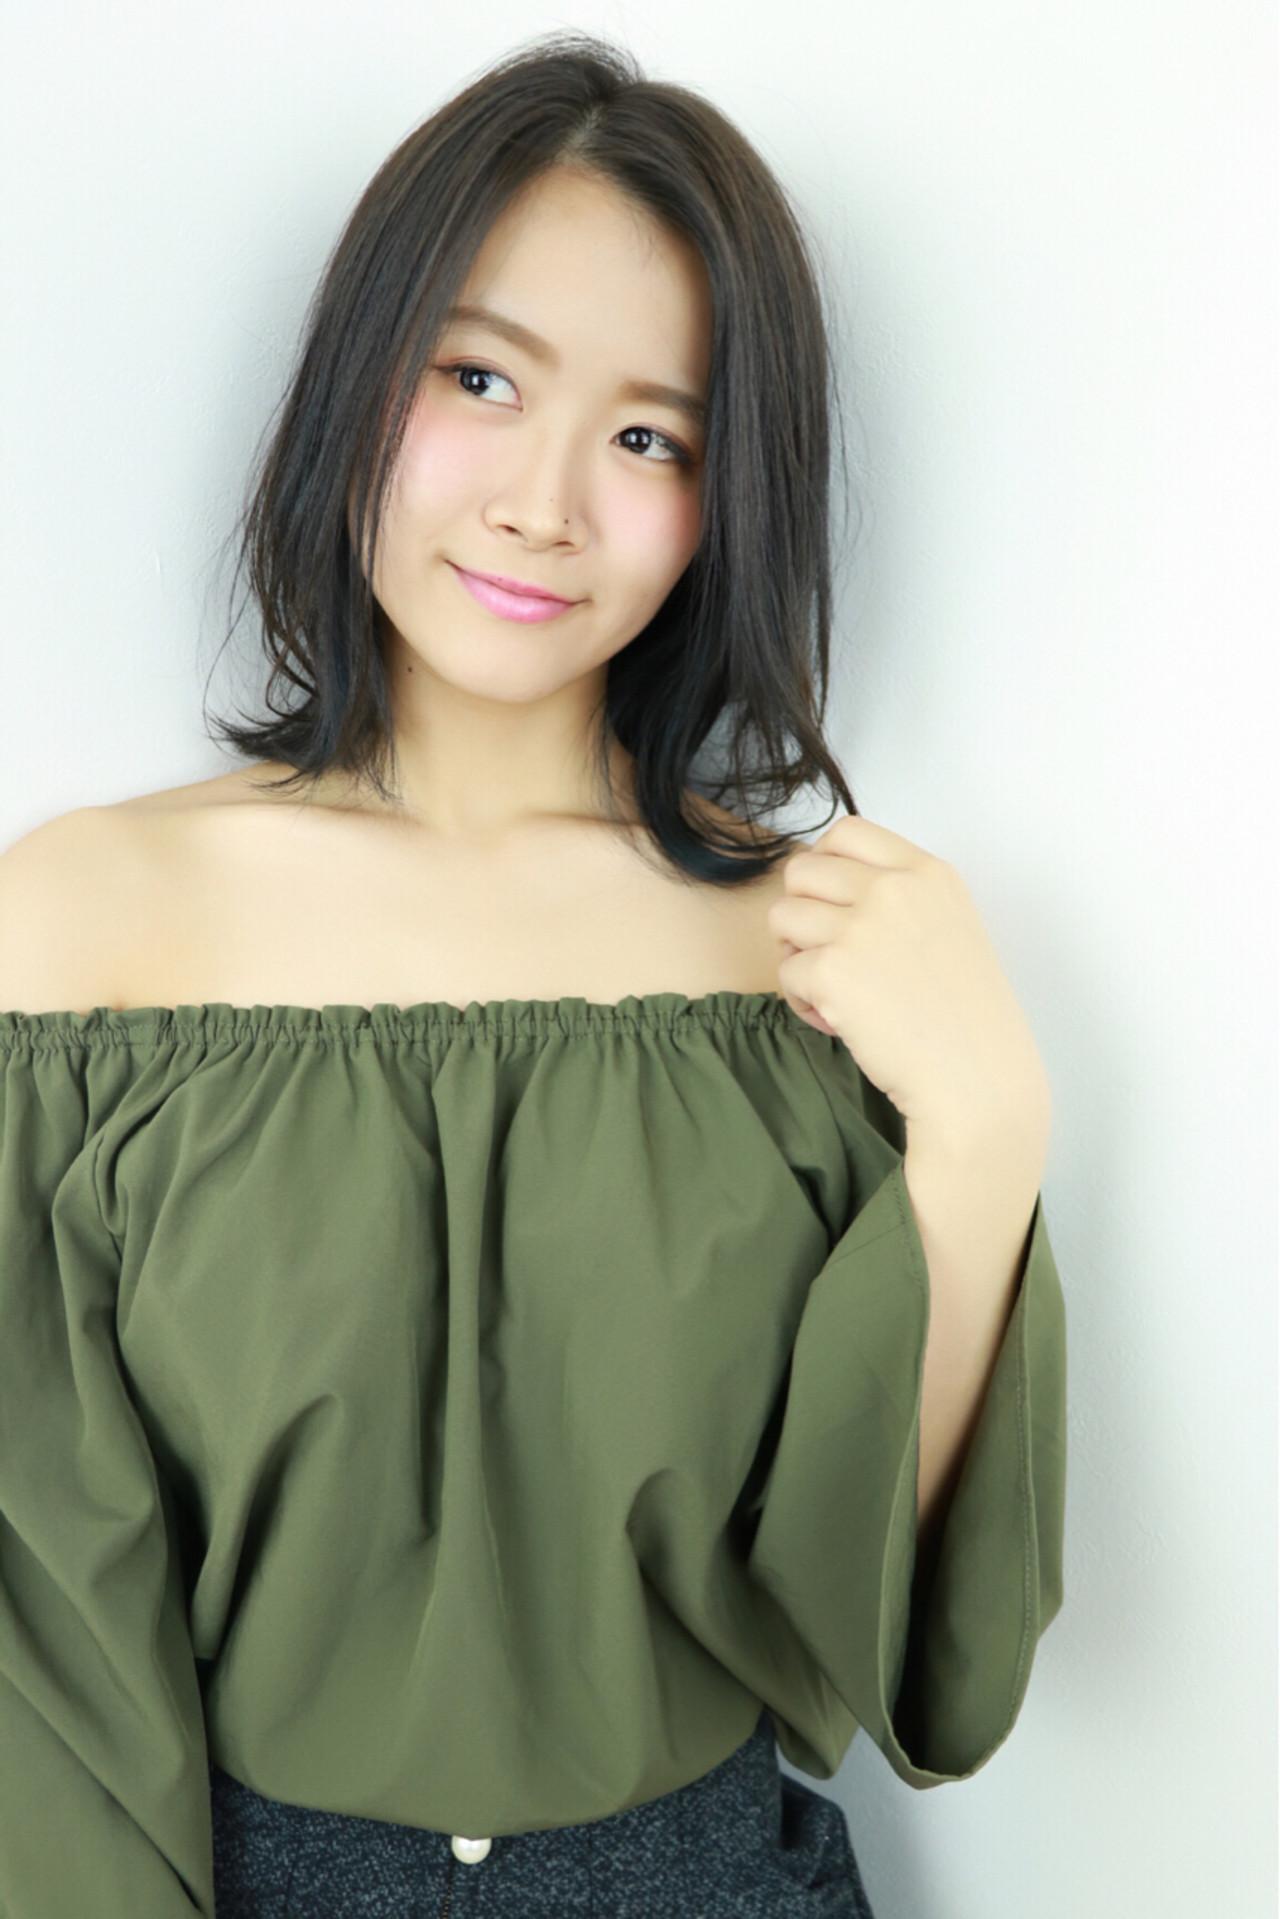 魅力的な黒髪美人に♡あなたの魅力を引き立てるヘアスタイル 渡辺 健介